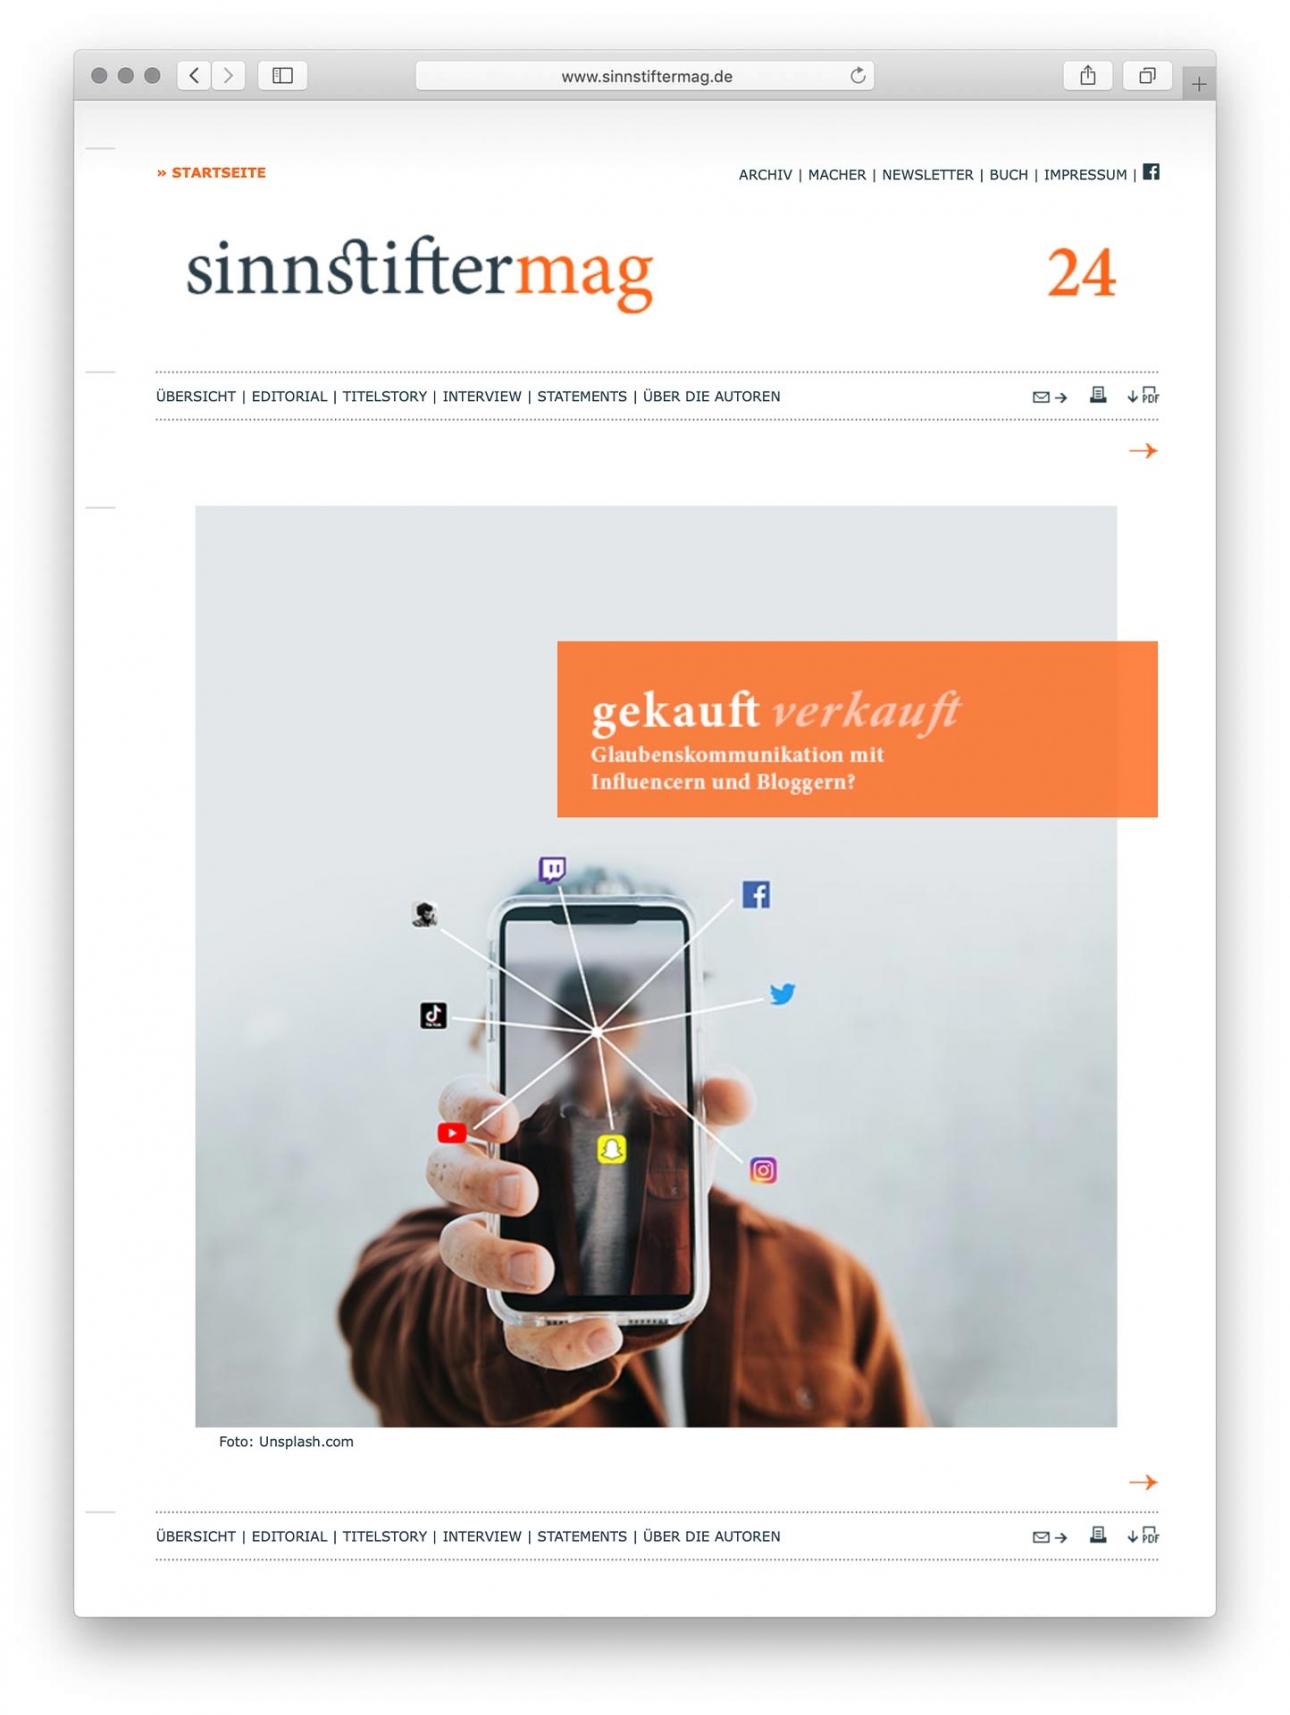 gekauft/verkauft – Ausgabe 24 des sinnstiftermag.de, dem Onlinemagazin für Glaubenskommunikation. Redaktion und Gestaltung von der Design- und Werbeagentur 31M aus Essen